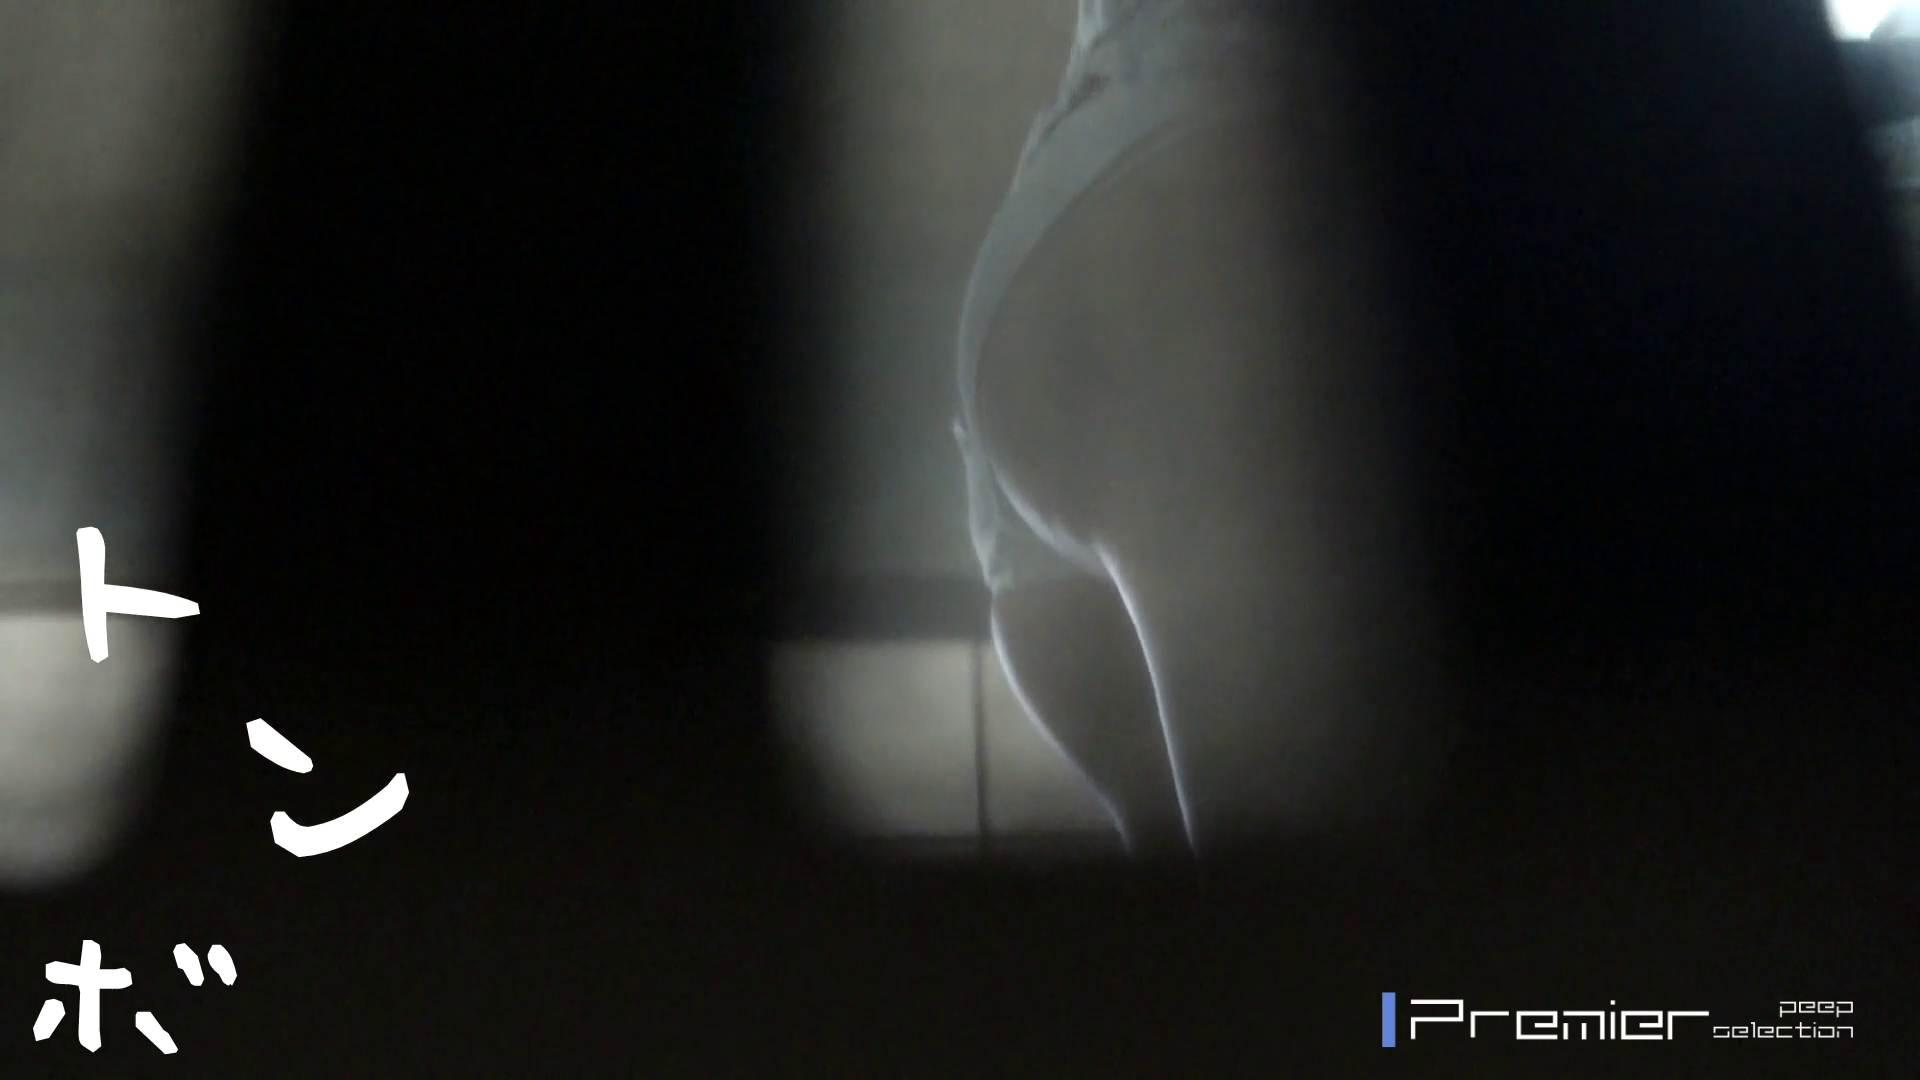 美女達の私生活に潜入!必見!絶世の美女! 市川紗椰 似女子大生の裸 潜入エロ調査   女子大生達のヌード  59連発 35